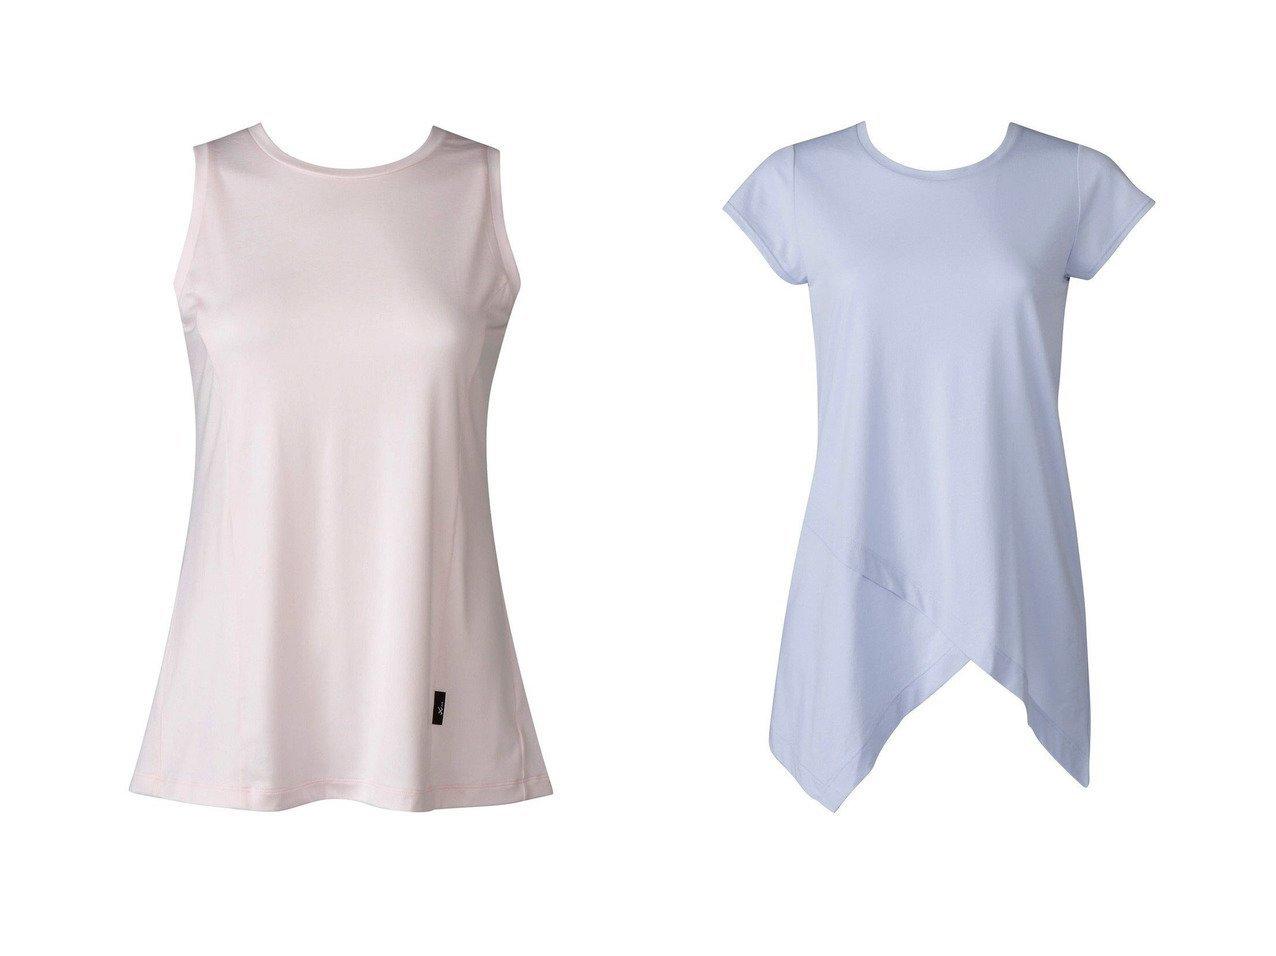 【CW-X/シーダブリューエックス】の【WOMEN】YOGAアウター Tシャツ ノースリーブワコール&【WOMEN】YOGAアウター ロングTシャツ 半袖ワコール スポーツウェア・ヨガ・運動・ダイエットグッズなどのおすすめ!人気トレンド・ファッション通販 おすすめで人気の流行・トレンド、ファッションの通販商品 インテリア・家具・メンズファッション・キッズファッション・レディースファッション・服の通販 founy(ファニー) https://founy.com/ ファッション Fashion レディースファッション WOMEN アウター Coat Outerwear トップス・カットソー Tops/Tshirt キャミソール / ノースリーブ No Sleeves シャツ/ブラウス Shirts/Blouses ロング / Tシャツ T-Shirts 送料無料 Free Shipping なめらか ギャザー ストレッチ ノースリーブ 切替 抗菌 アシンメトリー ロング 半袖  ID:crp329100000041133